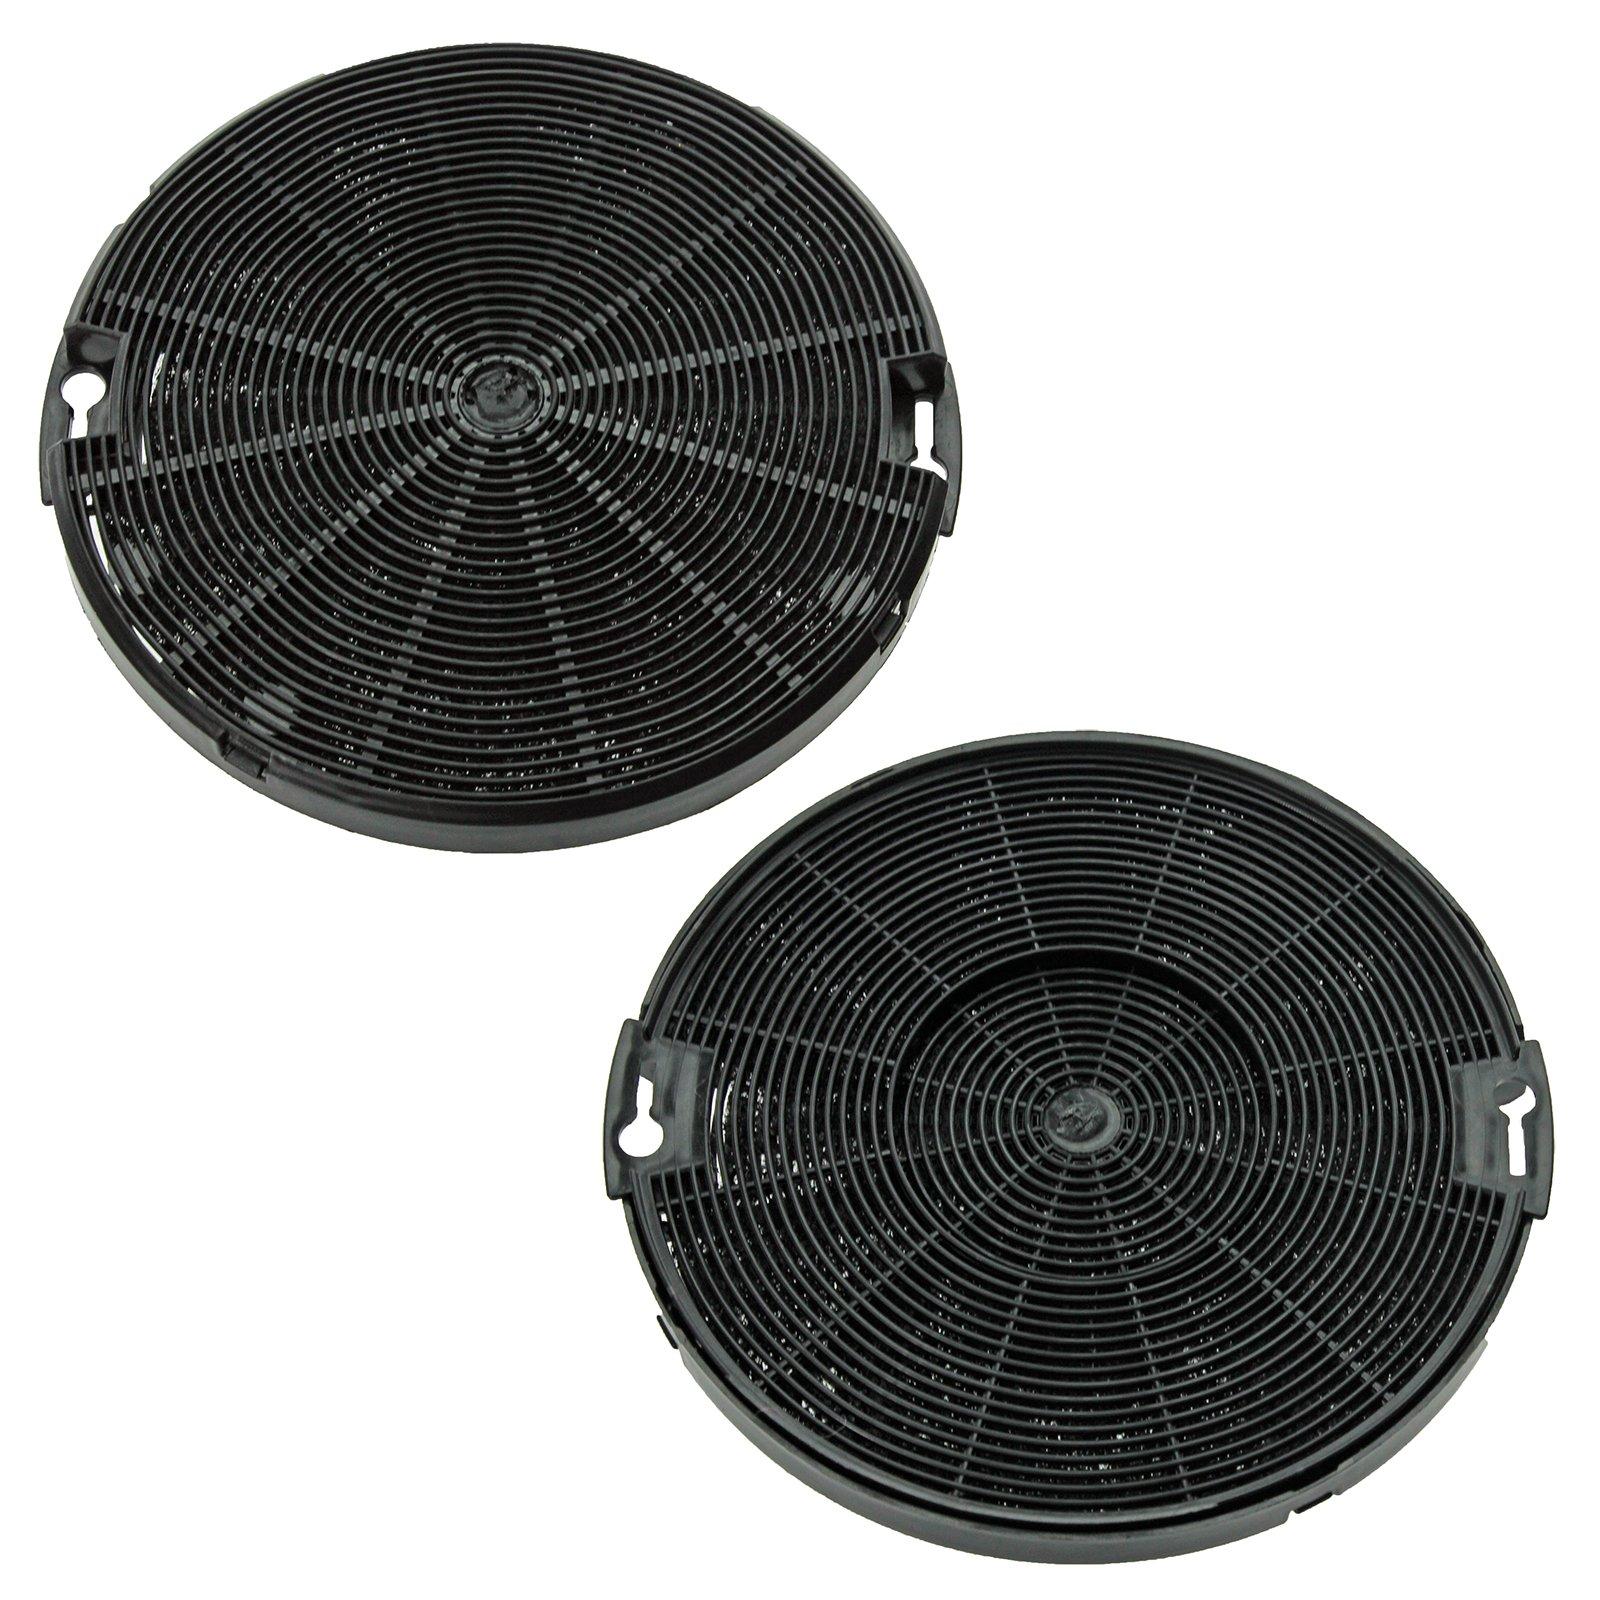 Filtro para extractor de campana compatible con las campanas de Ikea, de la marca Spares2go (Juego de 2 o 4) 2 Filters: Amazon.es: Grandes electrodomésticos